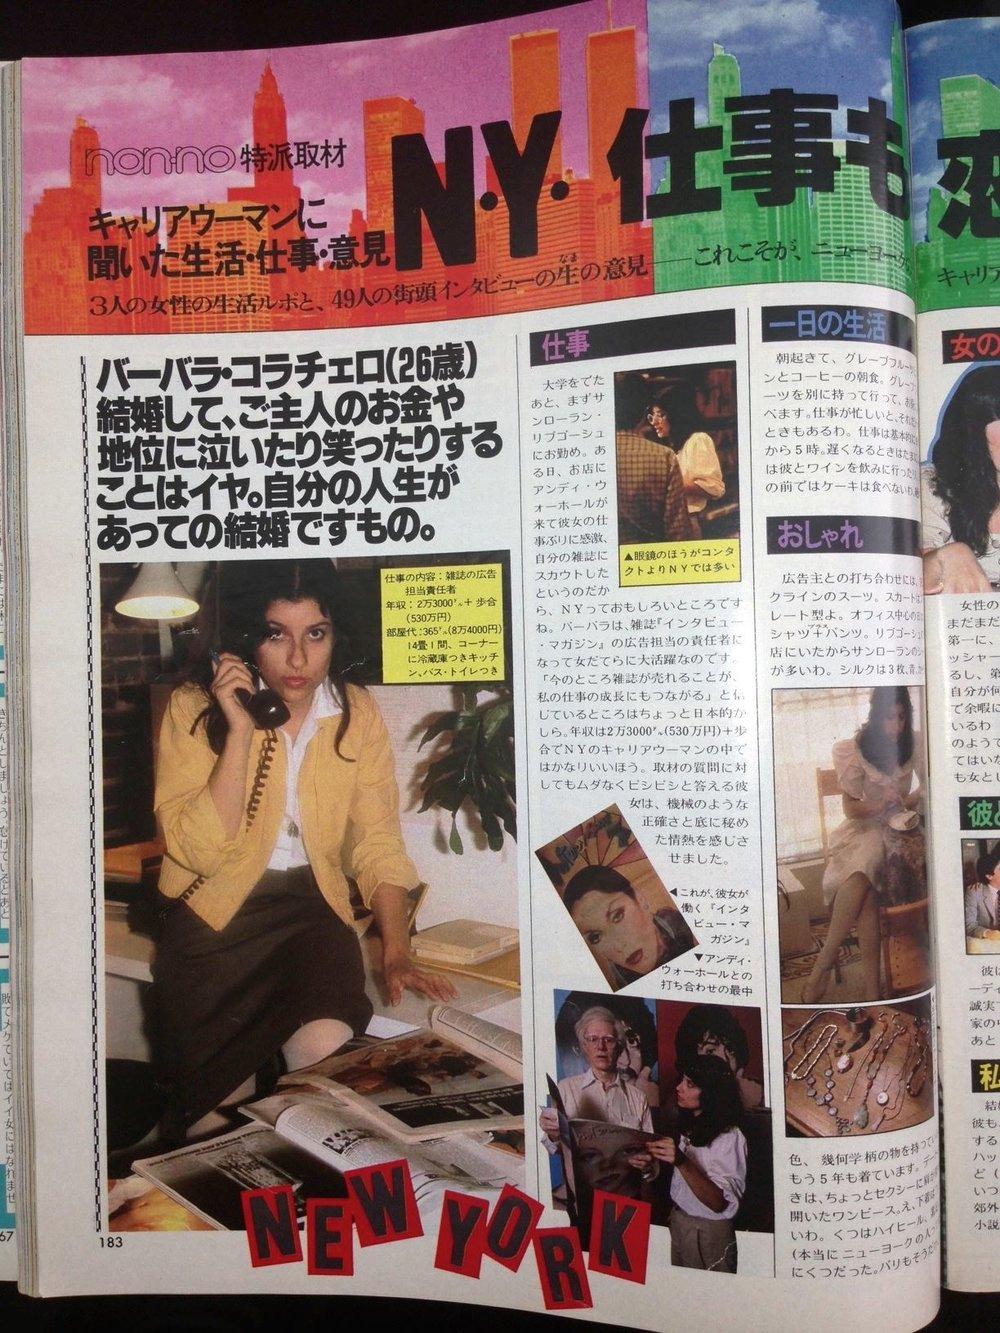 Colaciello's feature in the Japanese fashion magazine Non-no